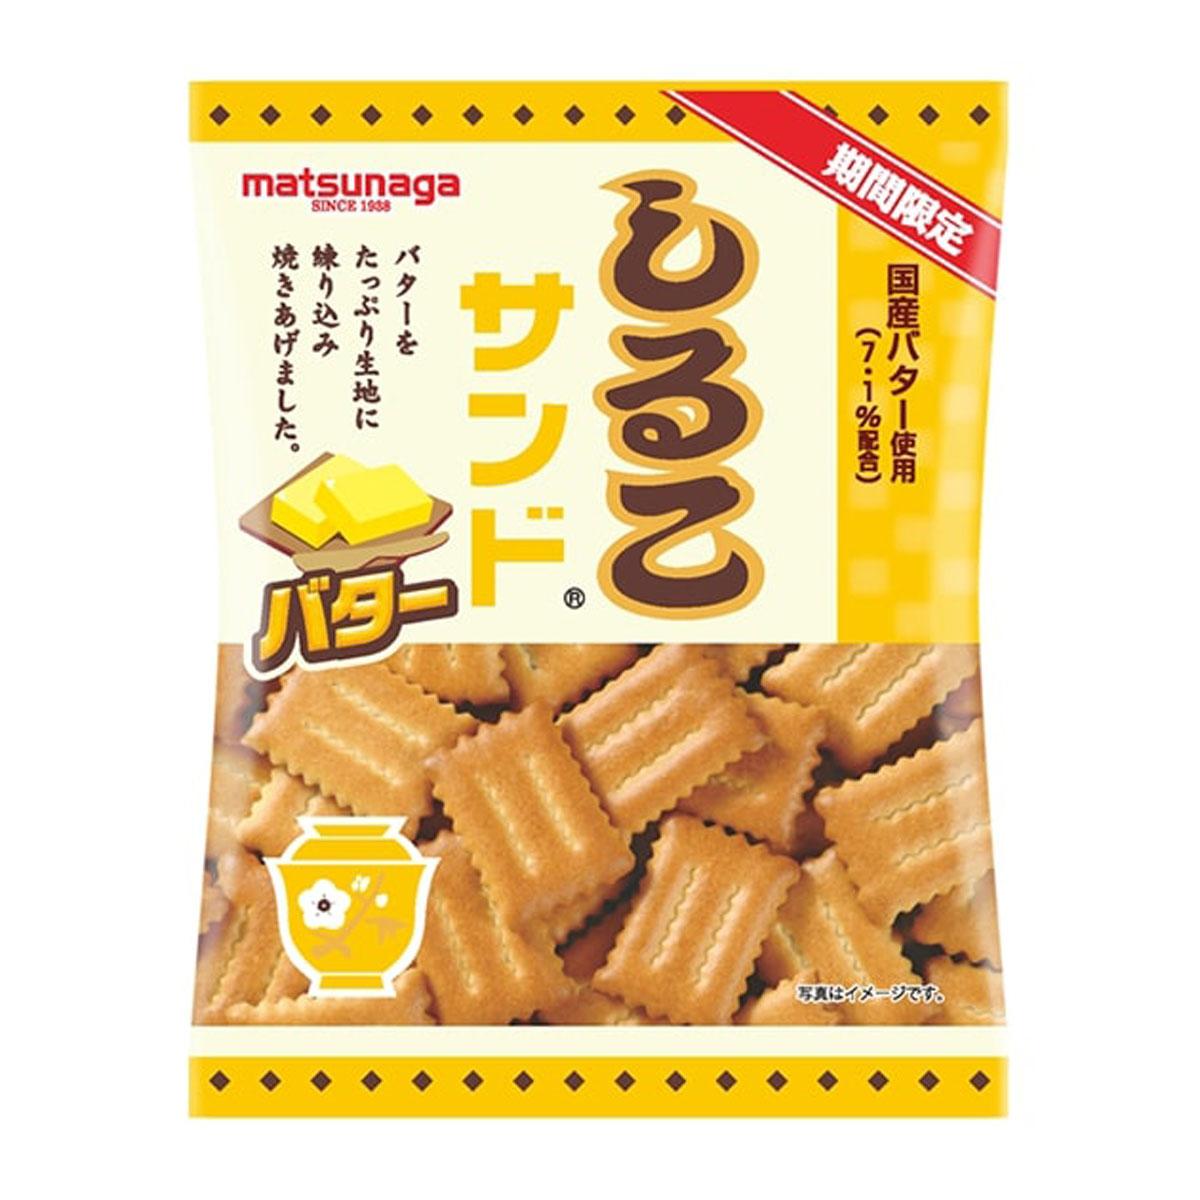 名古屋のソウルフードに新商品 「しるこサンド バター」が2月1日発売